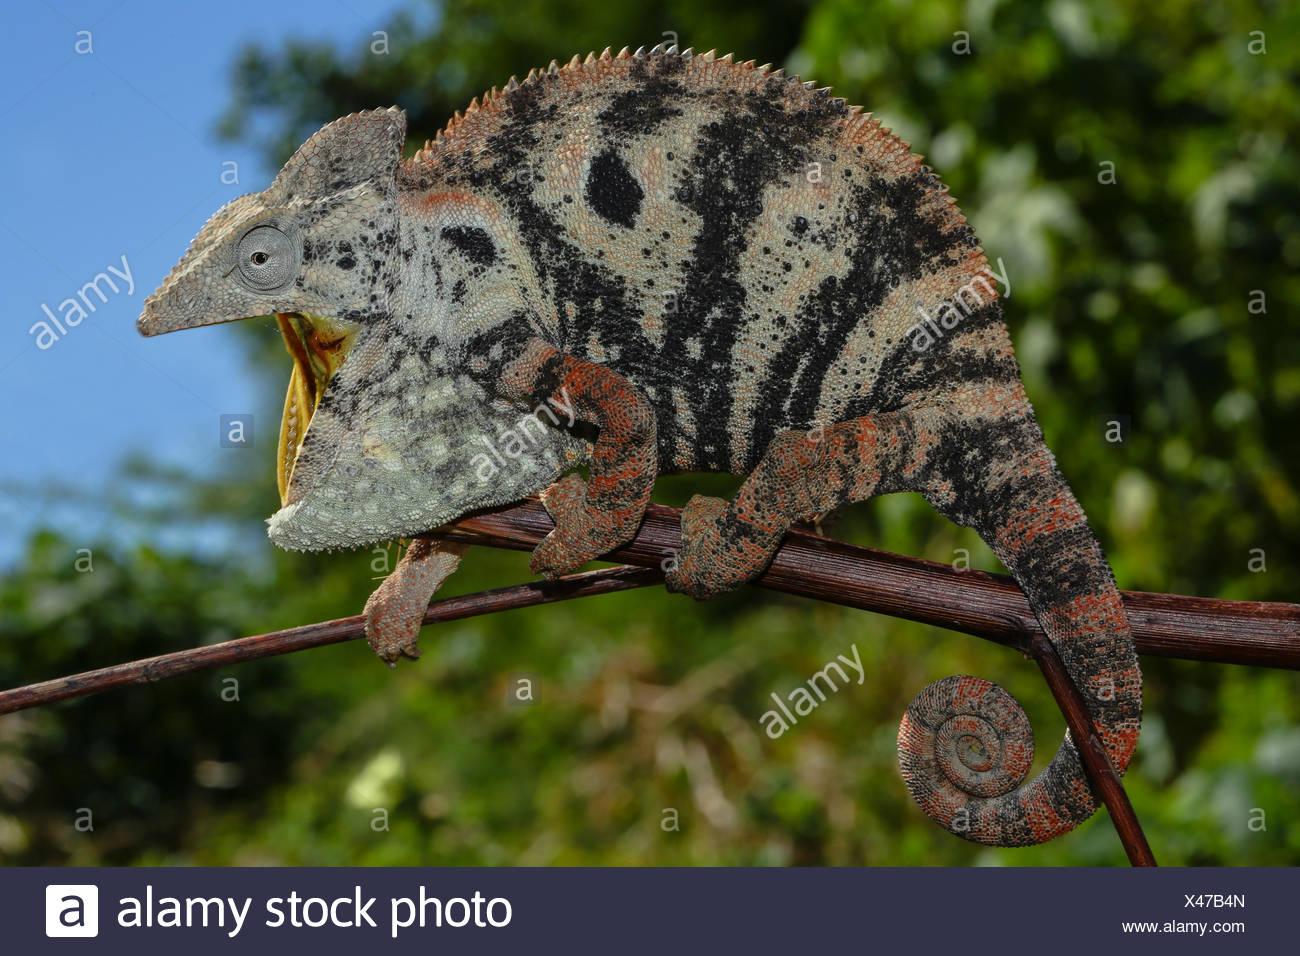 Open mouthed female Malagasy Giant Chameleon (Furcifer oustaleti), Amborondolo, Sofia, Central Madagascar, Madagascar - Stock Image